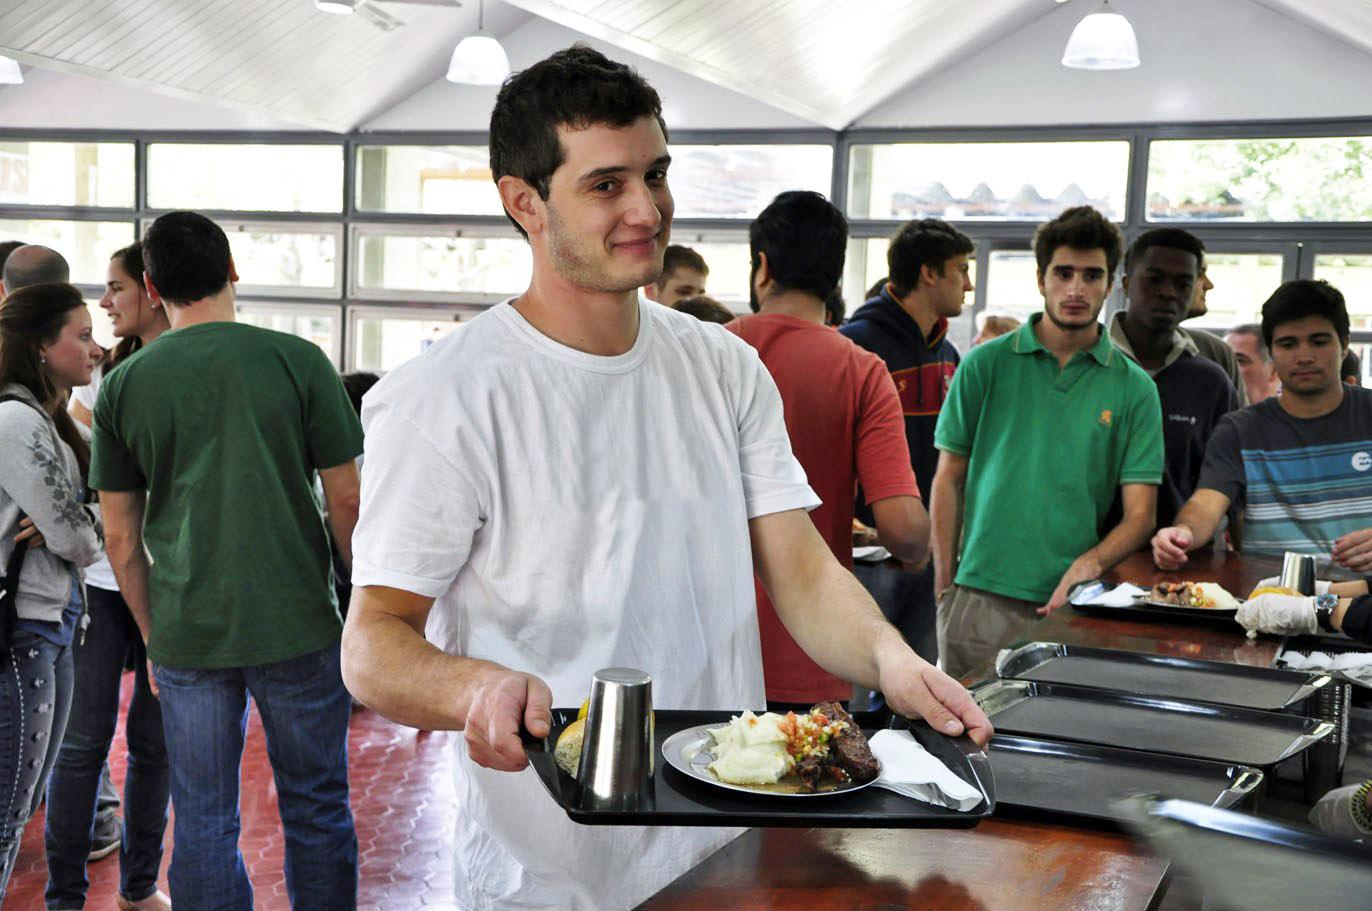 Algo que no aumentó: el menú de los comedores universitarios ...